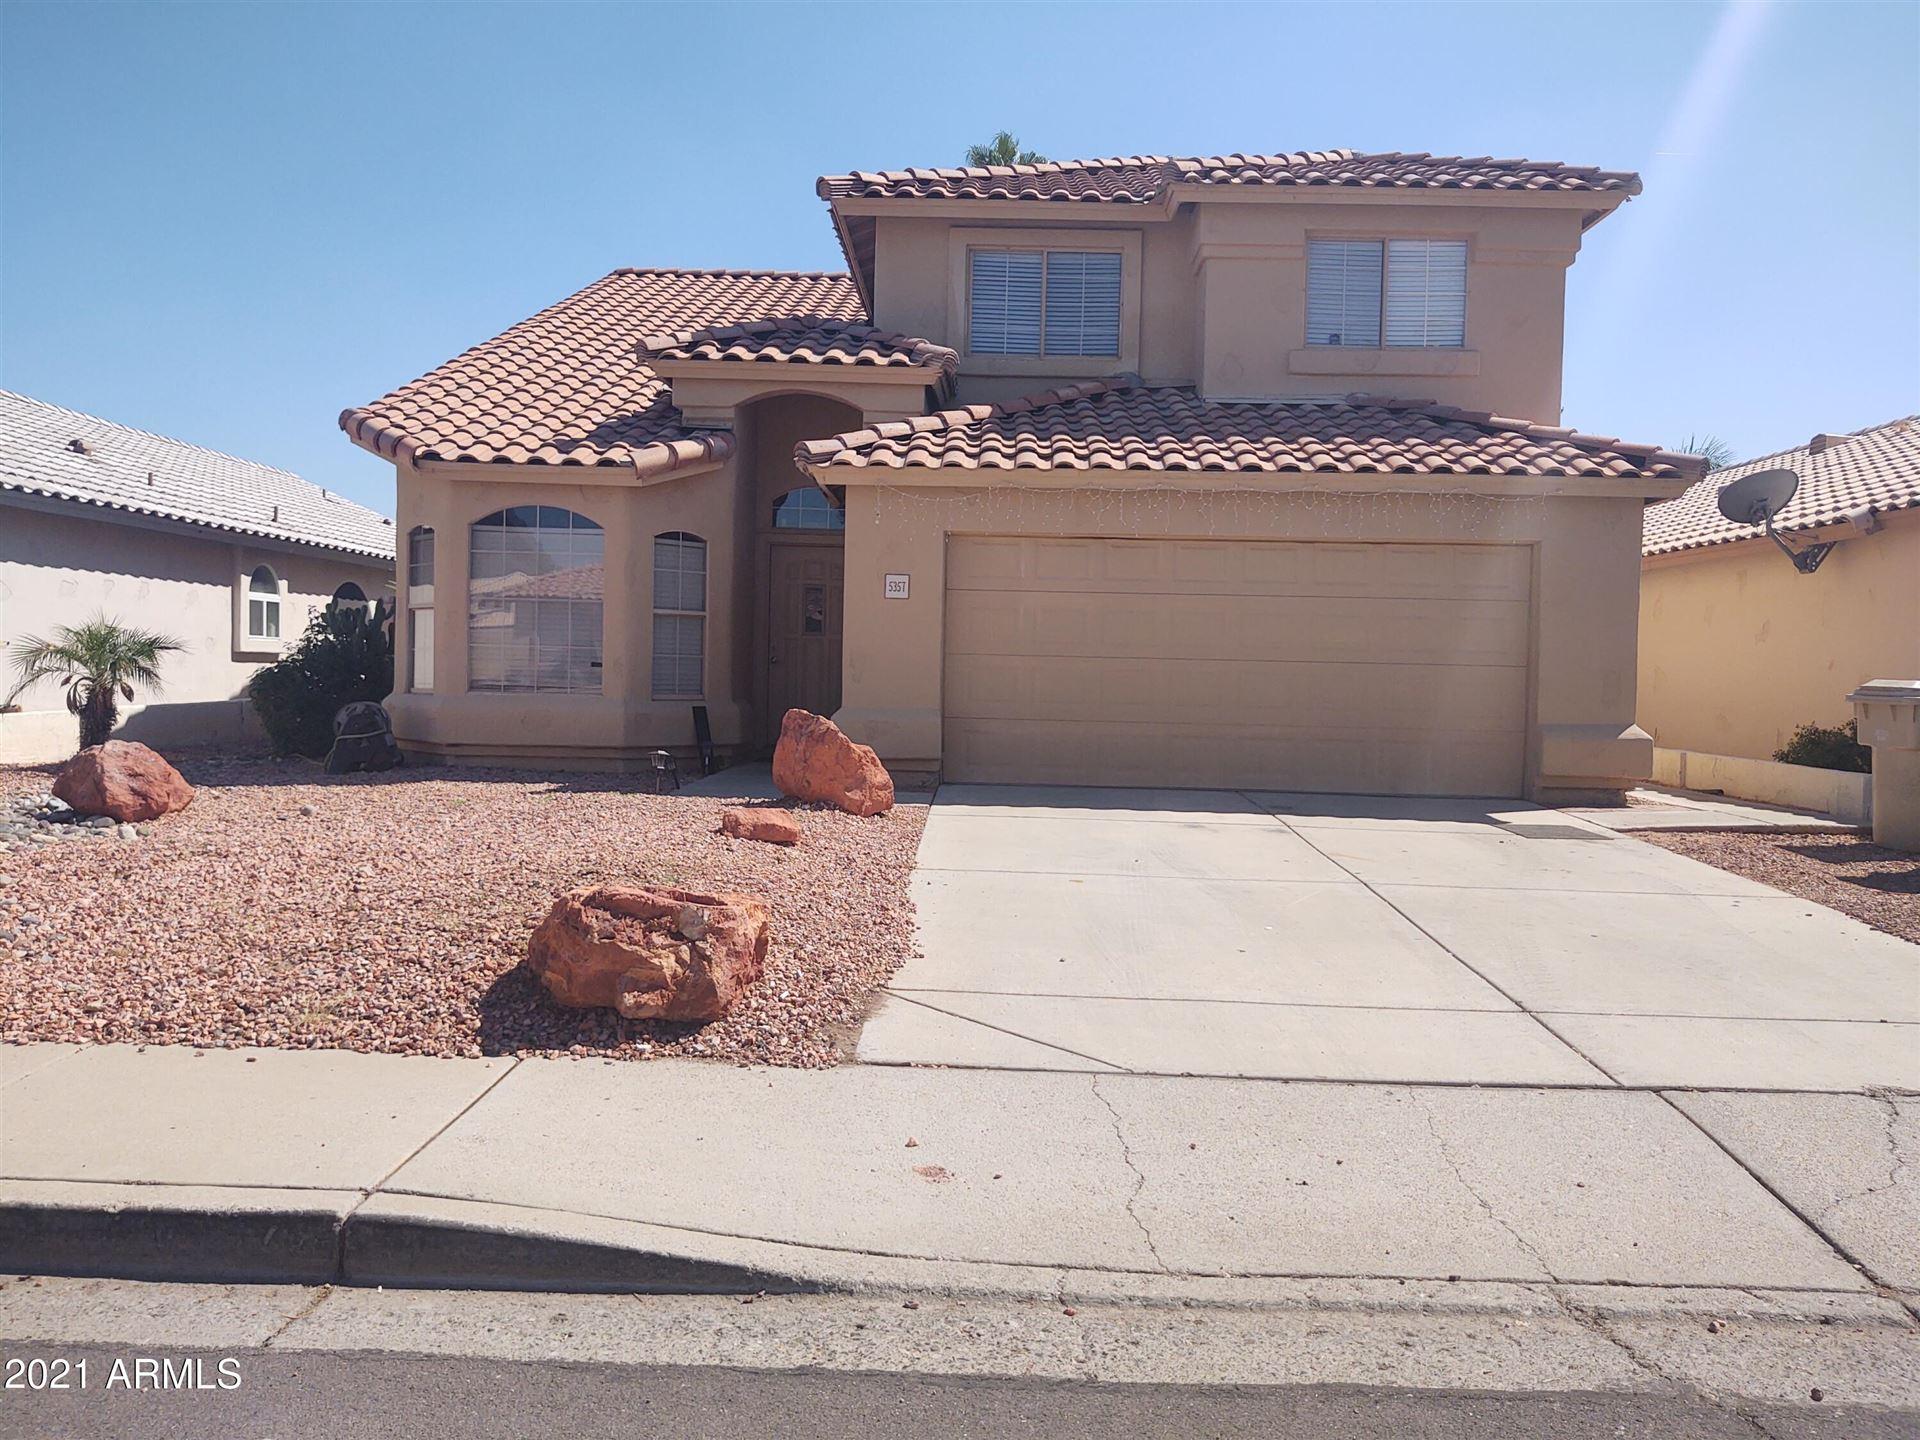 5357 W PIUTE Avenue, Glendale, AZ 85308 - MLS#: 6291598